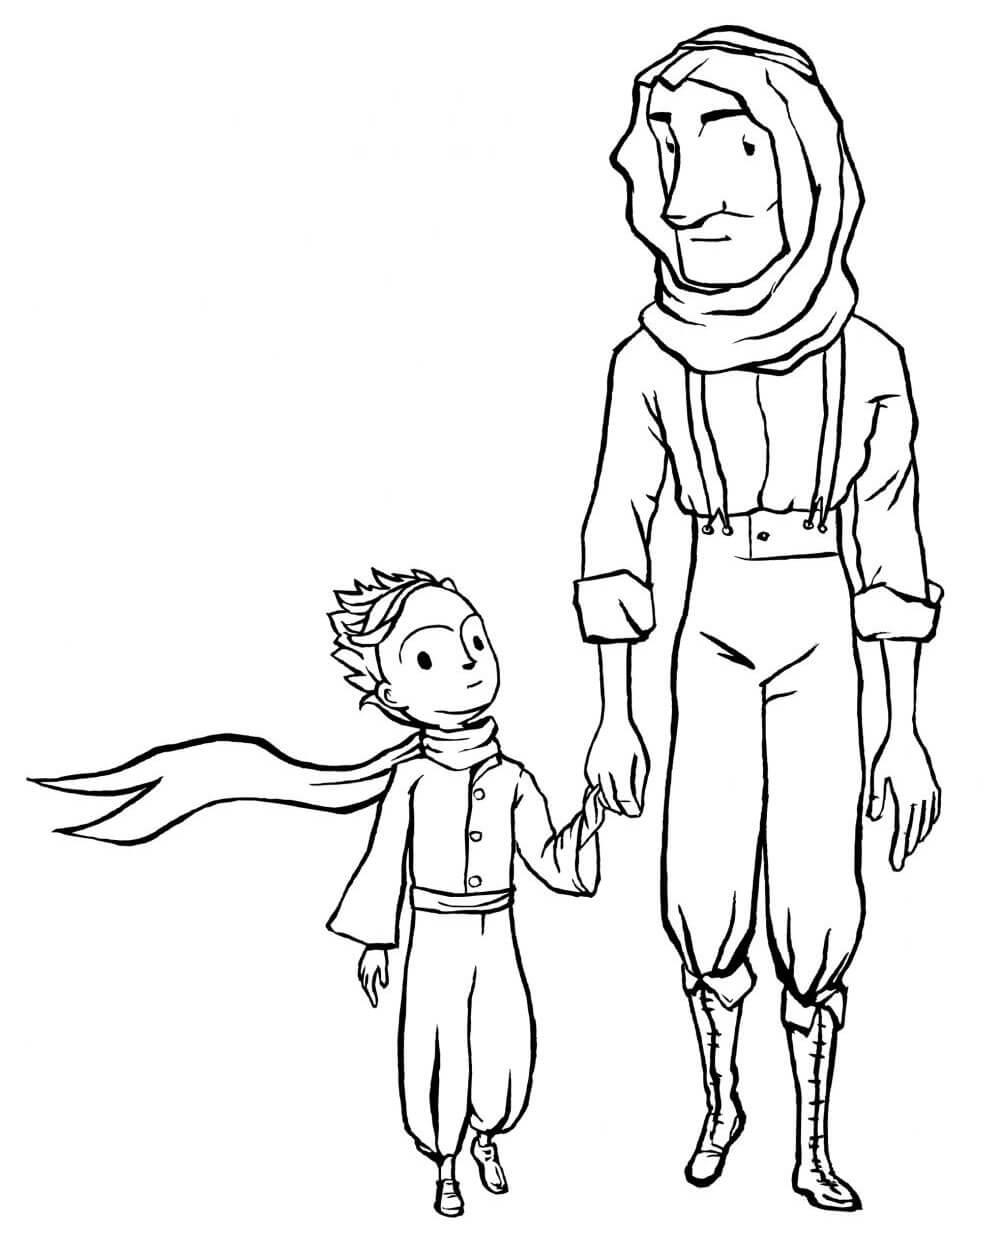 Раскраска Маленький принц и летчик